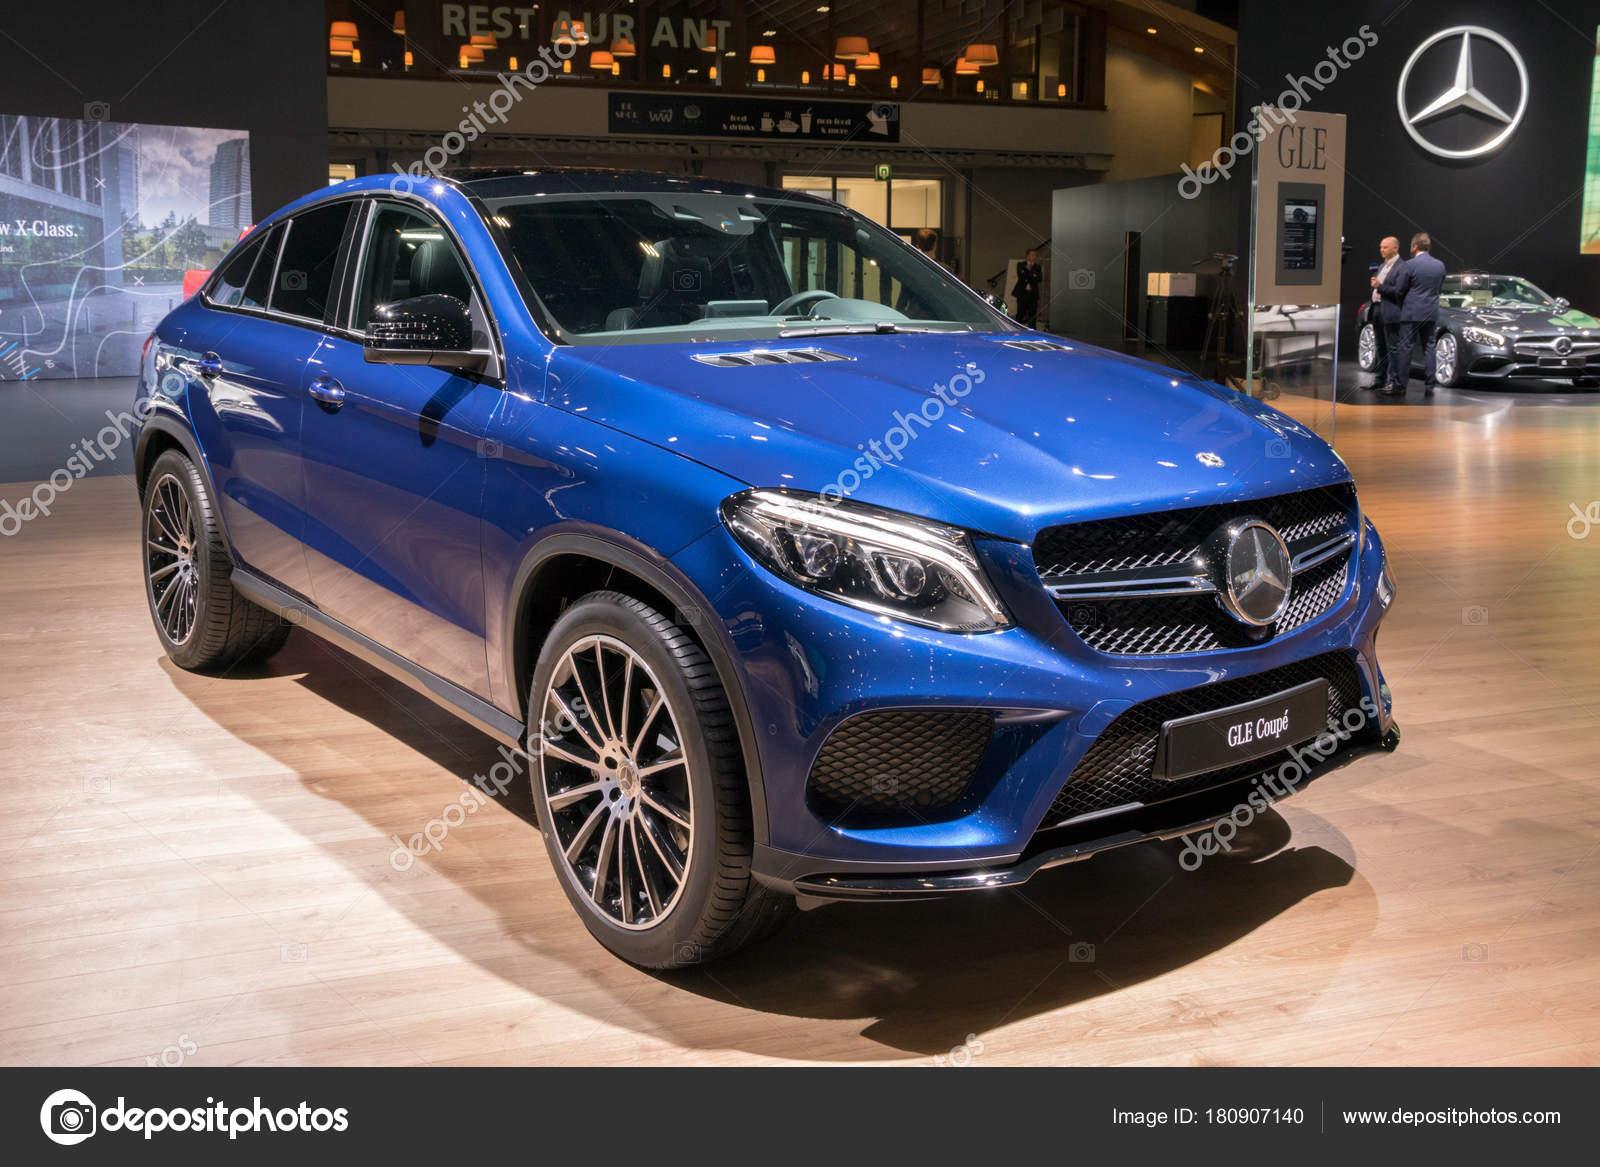 Brussel Jan 2018 Mercedes Benz Gle Coupe Auto Tentoongesteld Het